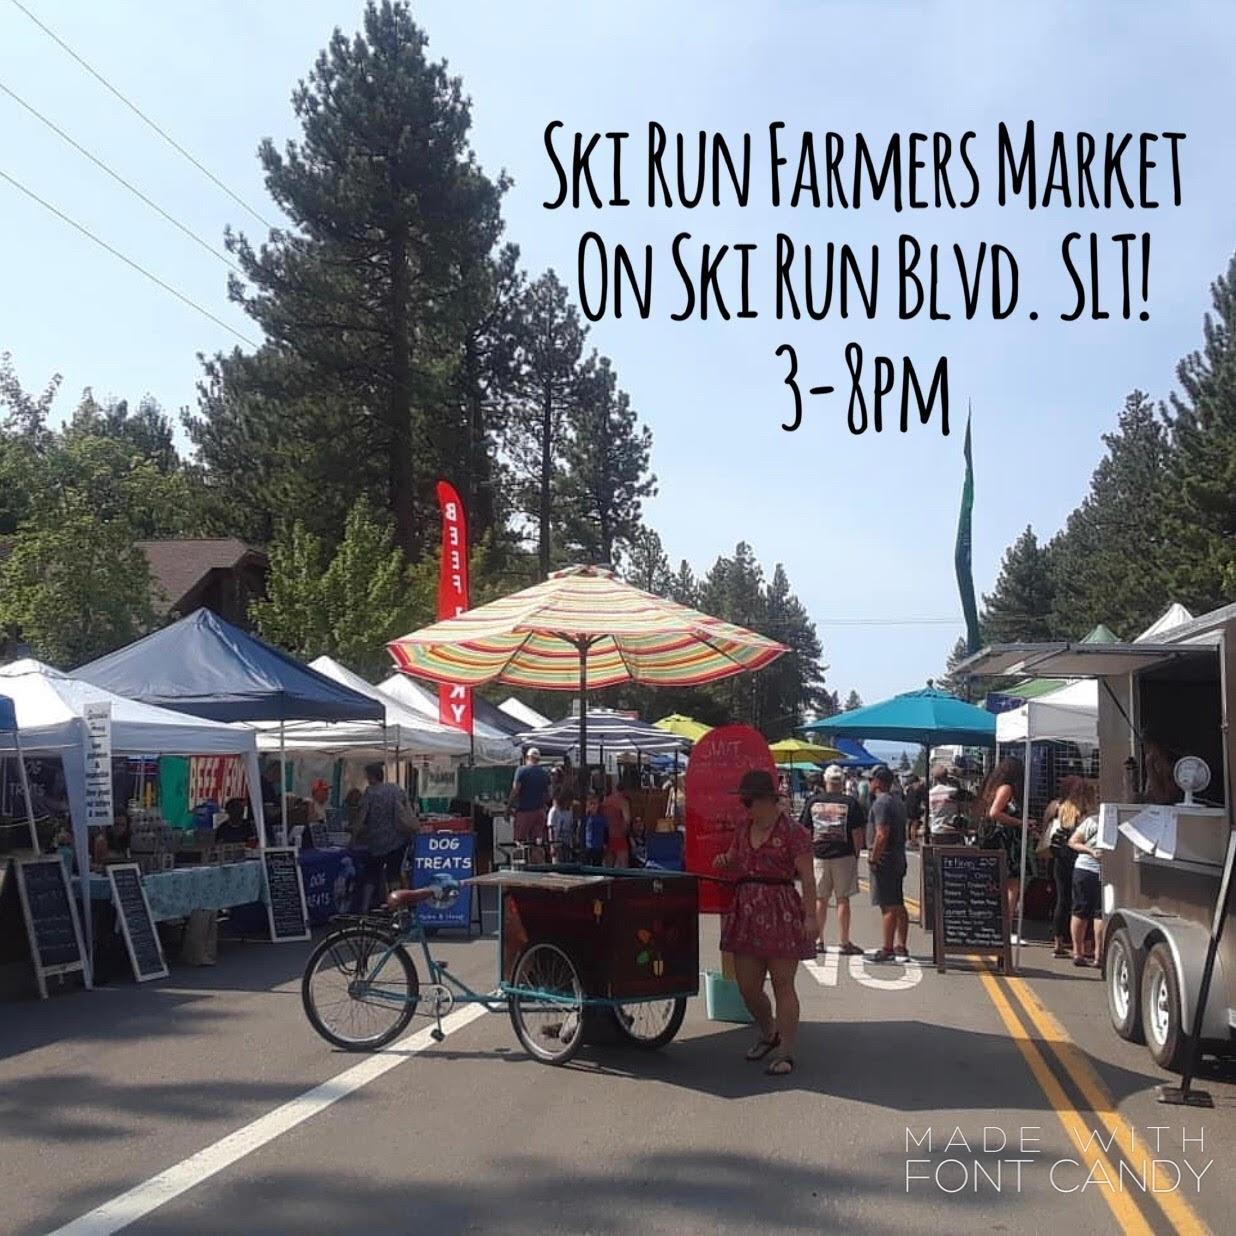 Ski Run Farmers Market-Fridays from 3-8pm